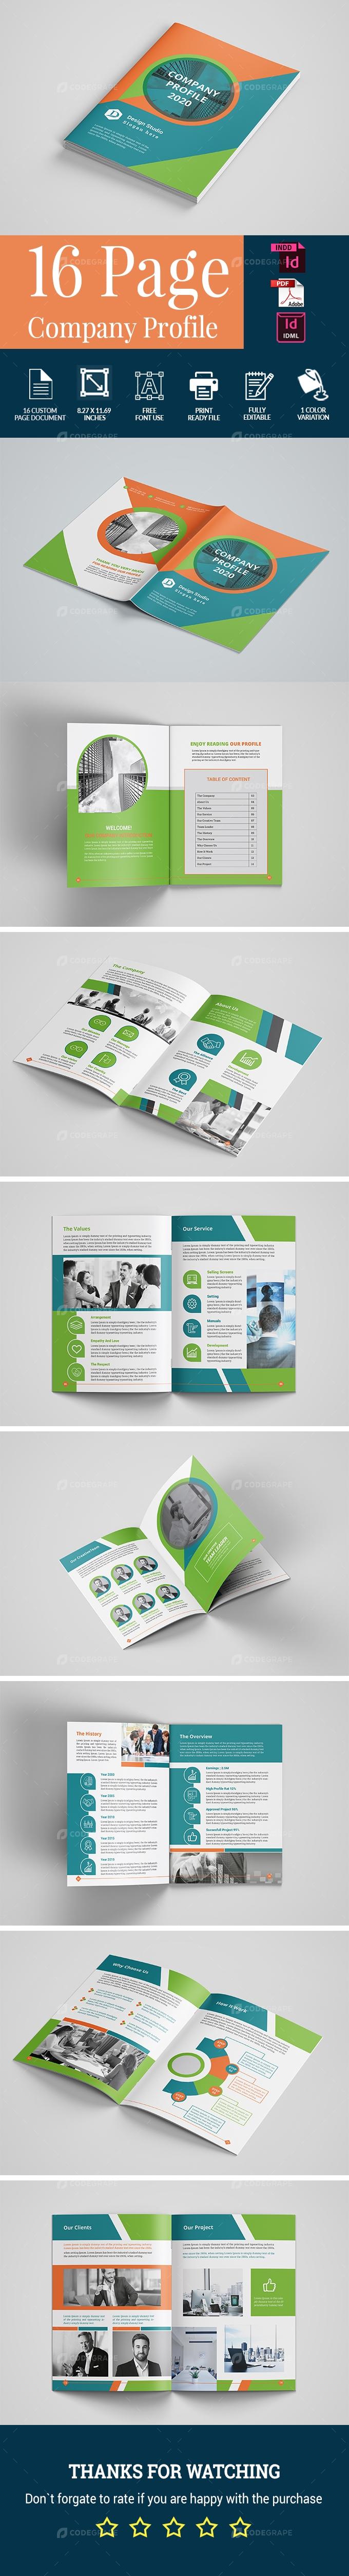 Corporate Company Profile